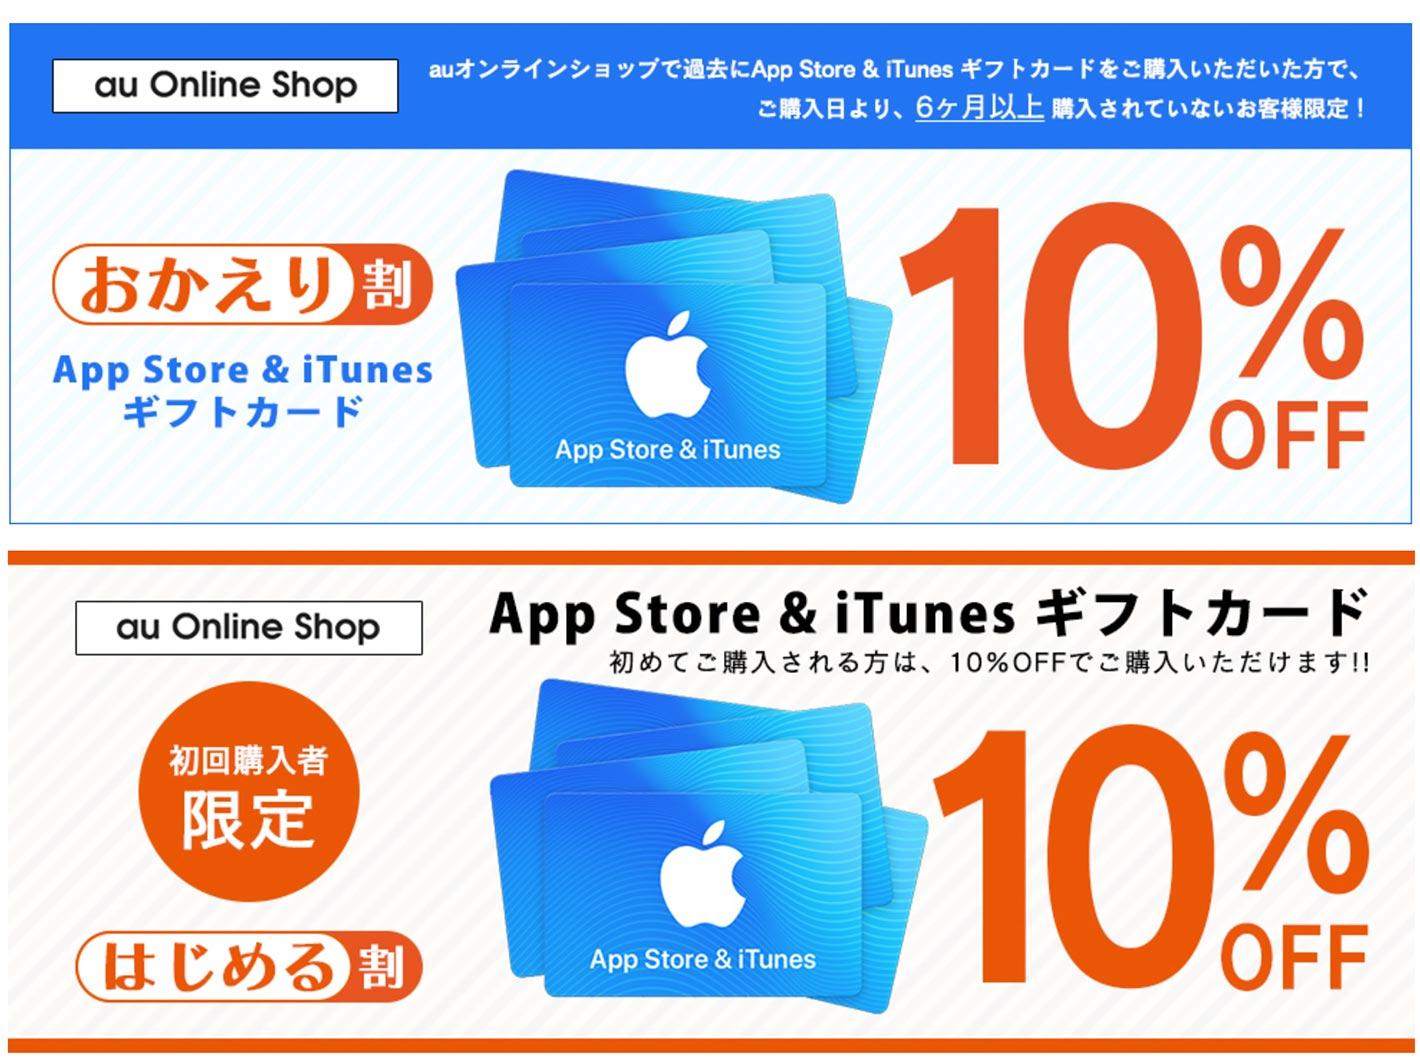 【10%オフ】au Online Shop、「App Store & iTunes ギフトカード」キャンペーン【おかえり割】【はじめる割】を実施中